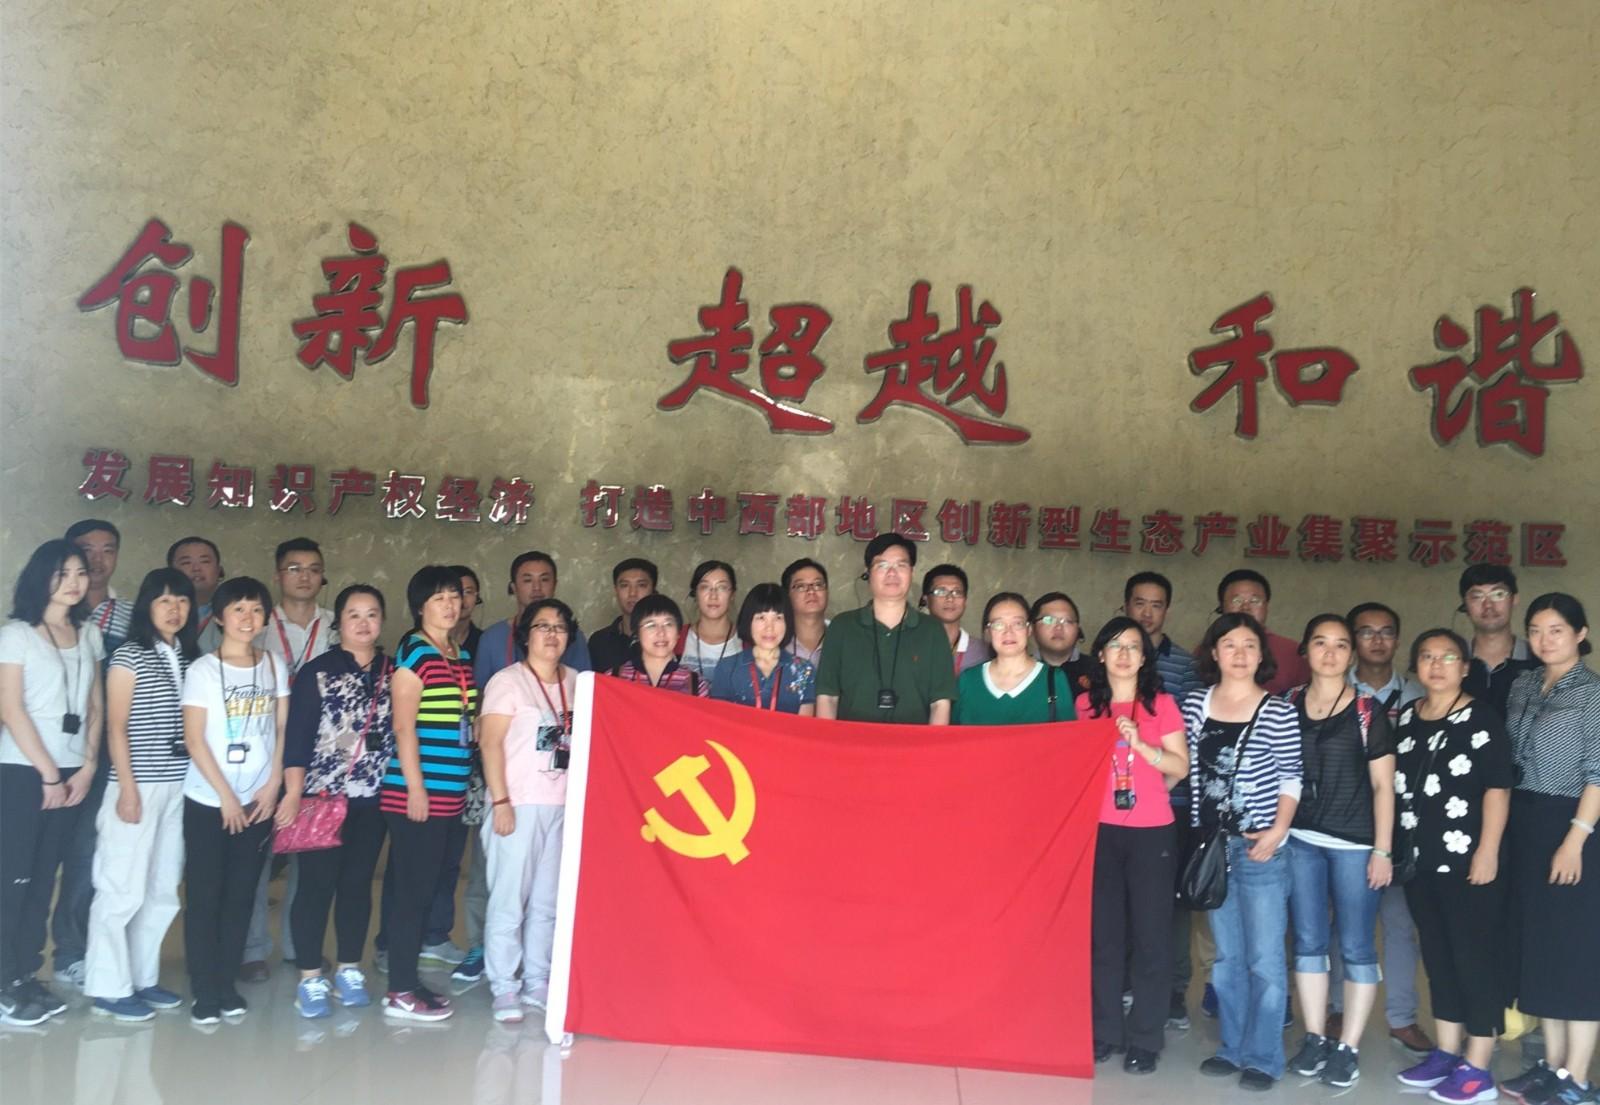 弘扬红旗渠精神,充分发挥基层党支部的战斗堡垒作用